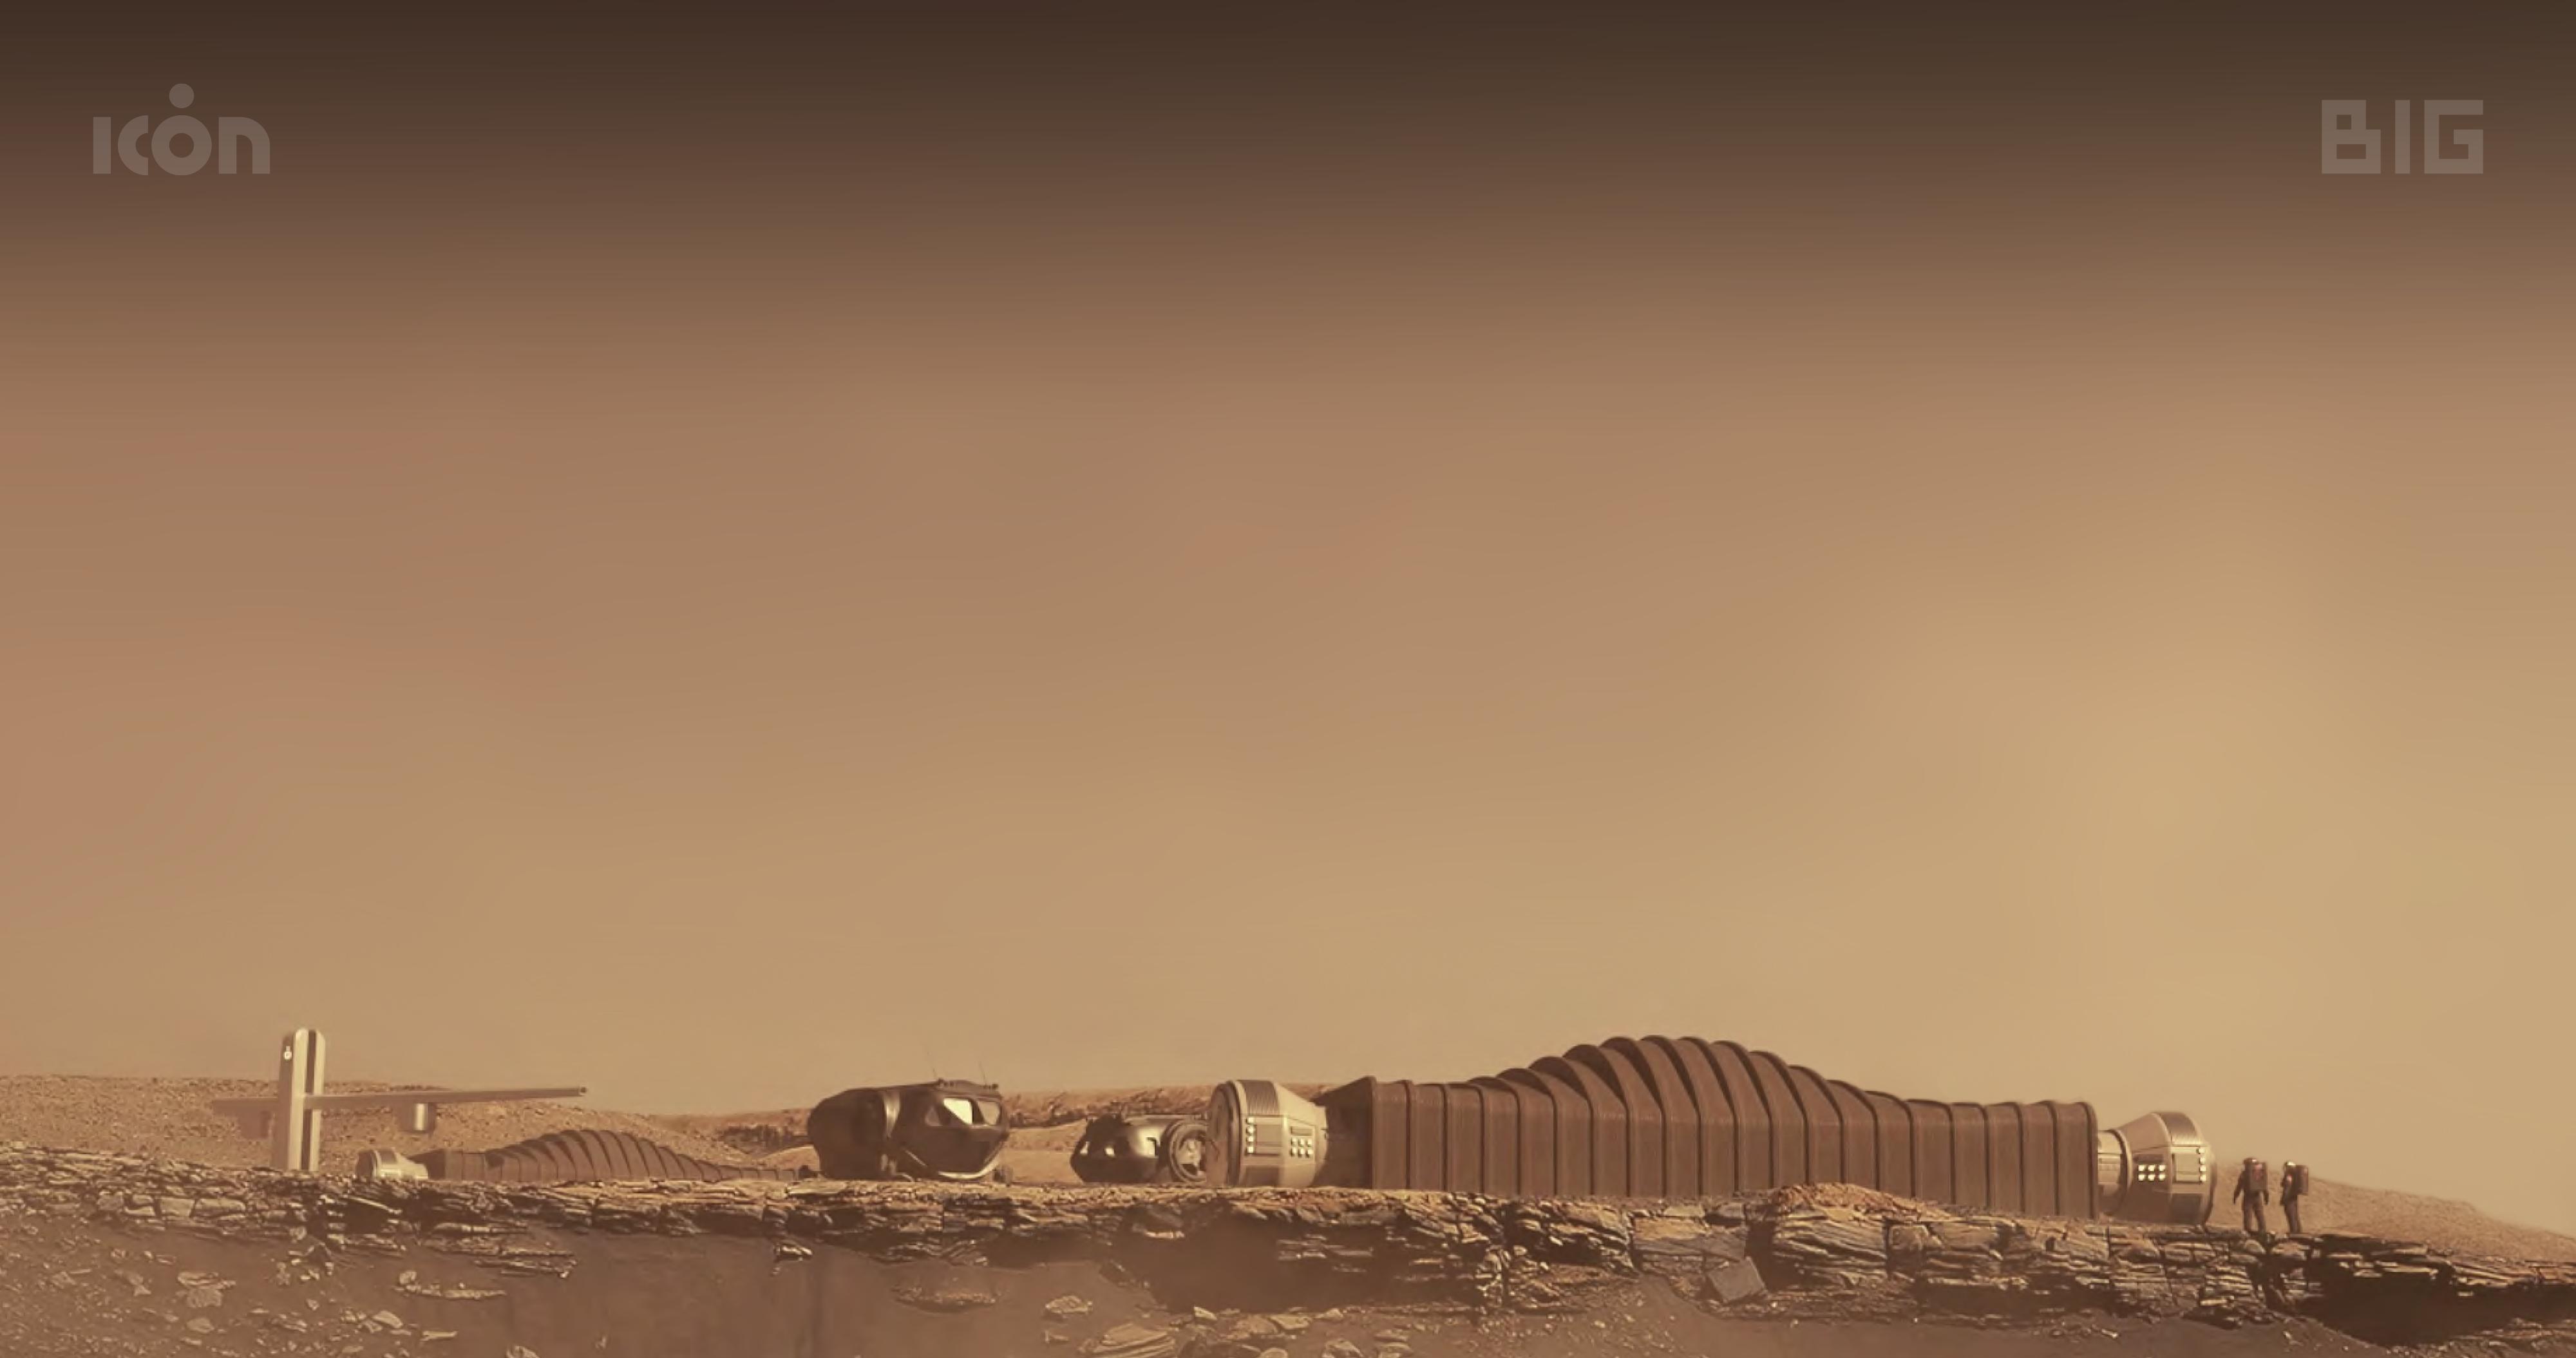 Репортаж из будущего: марсианская база.